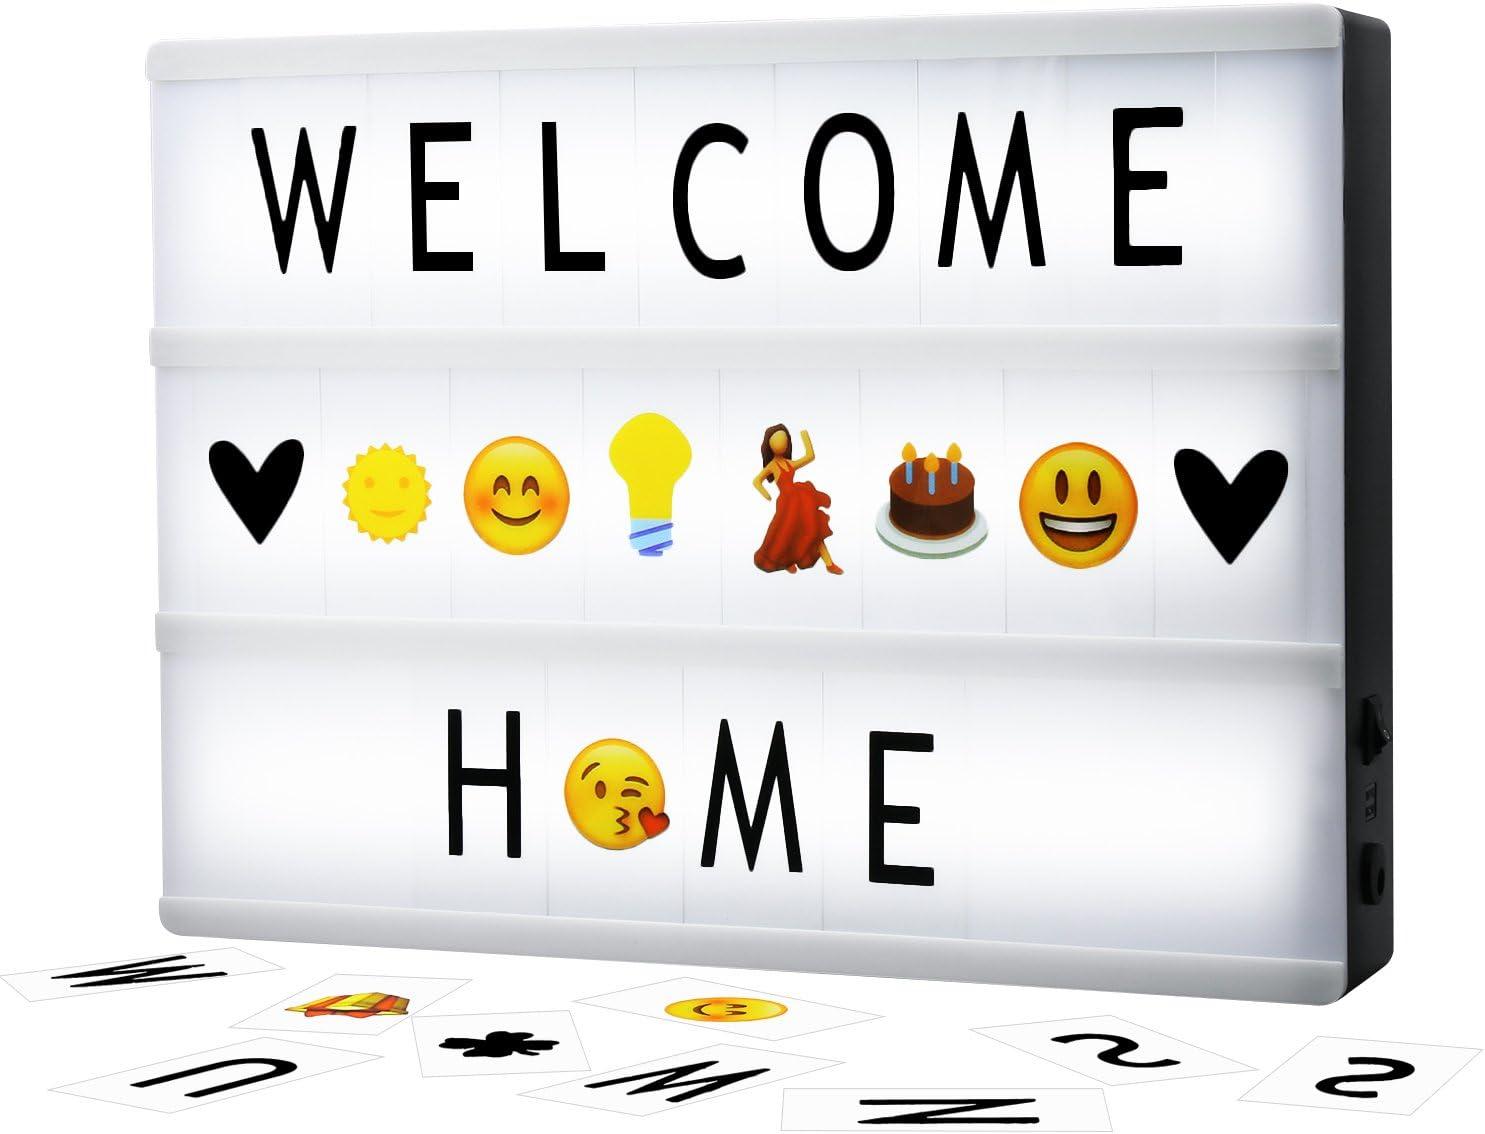 Cinematic Light Box A4 Solotree Caja de Luz Cinematográfica Tamaño A4 con 160 Letras y Emojis ideal para decorar su hogar, boda, cumpleaños y otros eventos especiales: Amazon.es: Iluminación